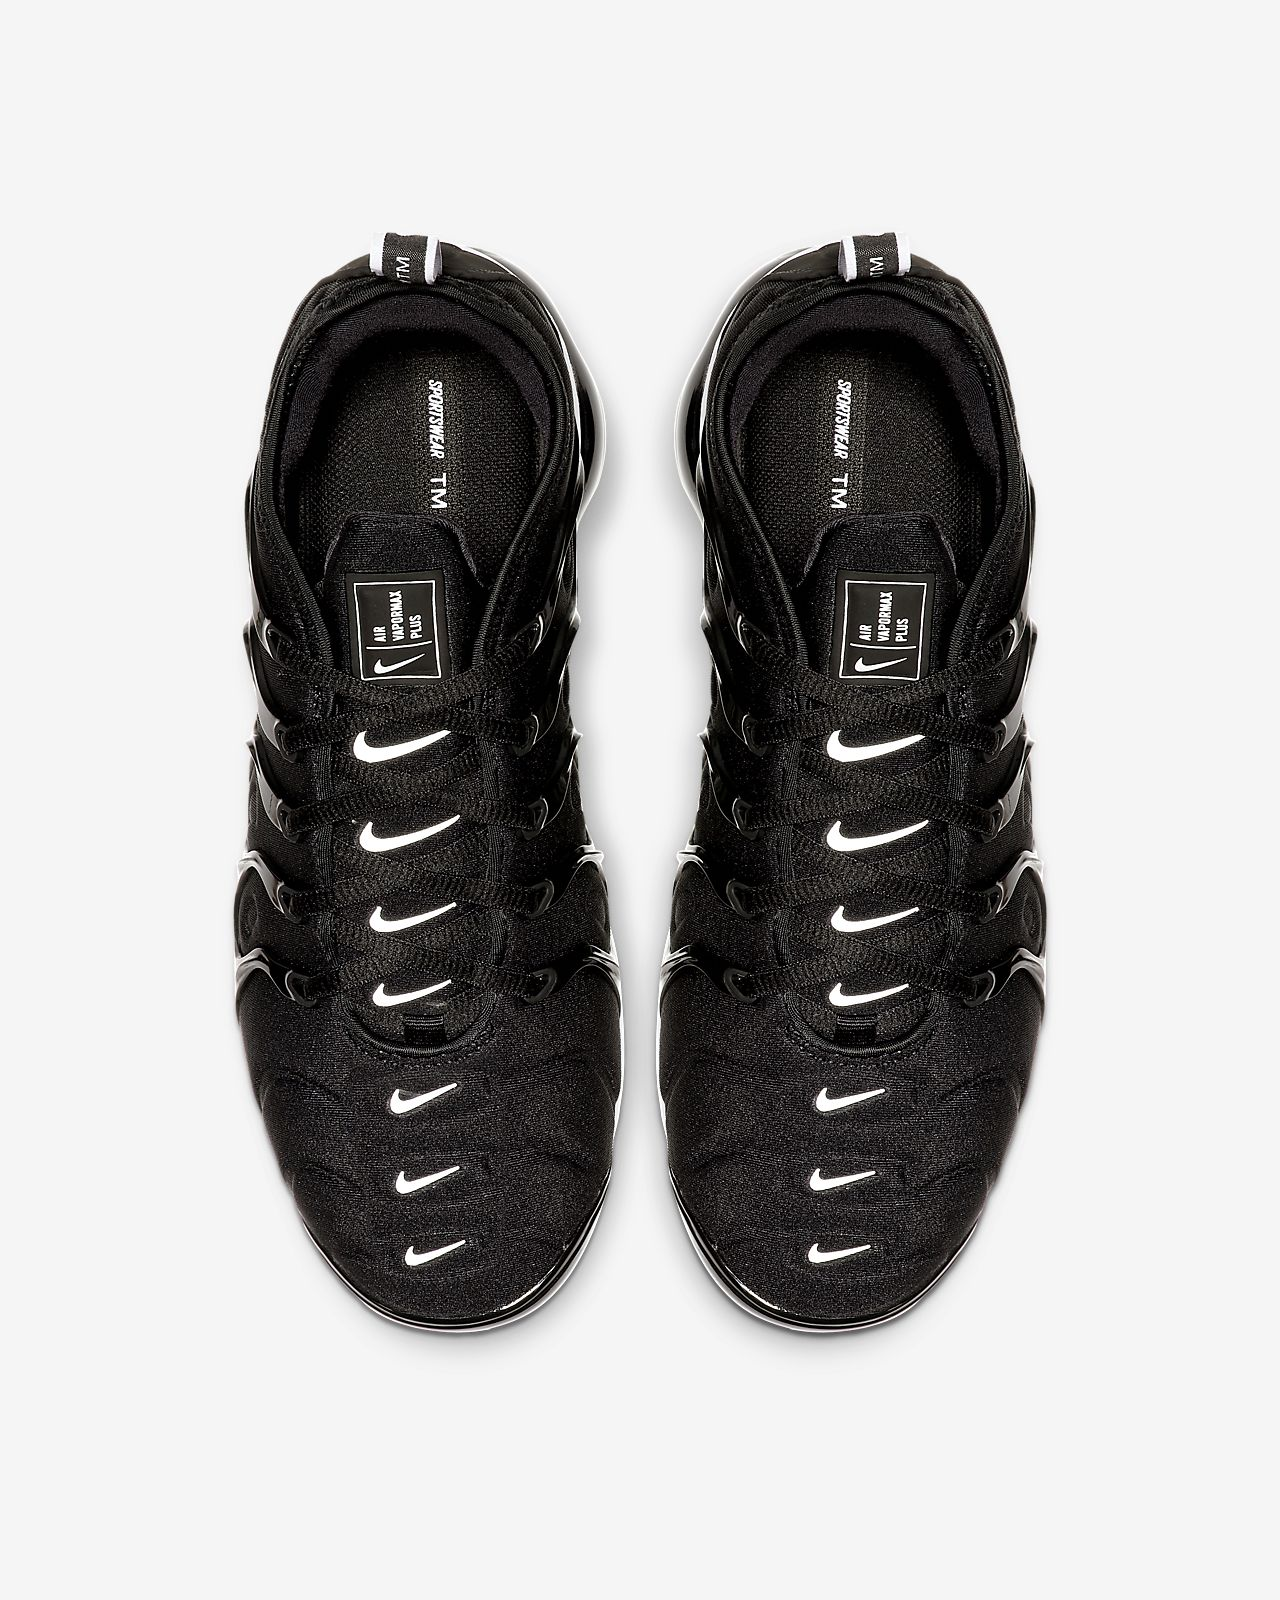 38090404d723 Chaussure Nike Air VaporMax Plus pour Homme. Nike.com FR